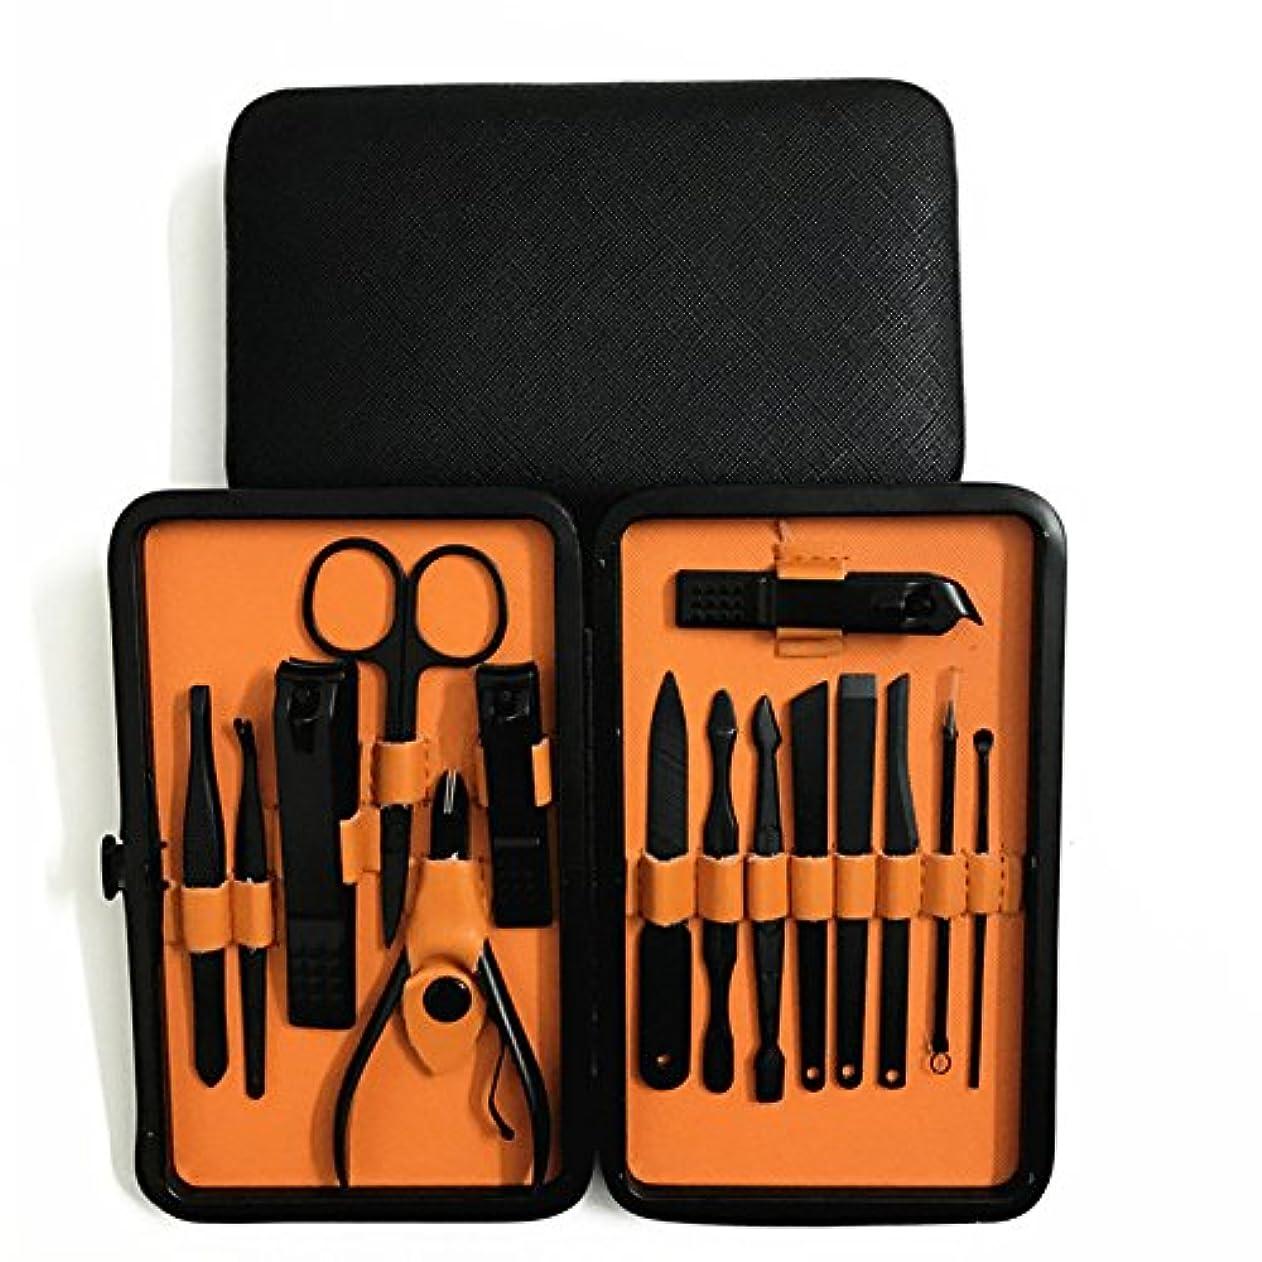 複製する満了薄めるLiebeye 美容ツール セット ステンレス スチール ポケットマニキュア ペディキュアツールセット 15個/セット 十字紋紋ケース+オレンジ